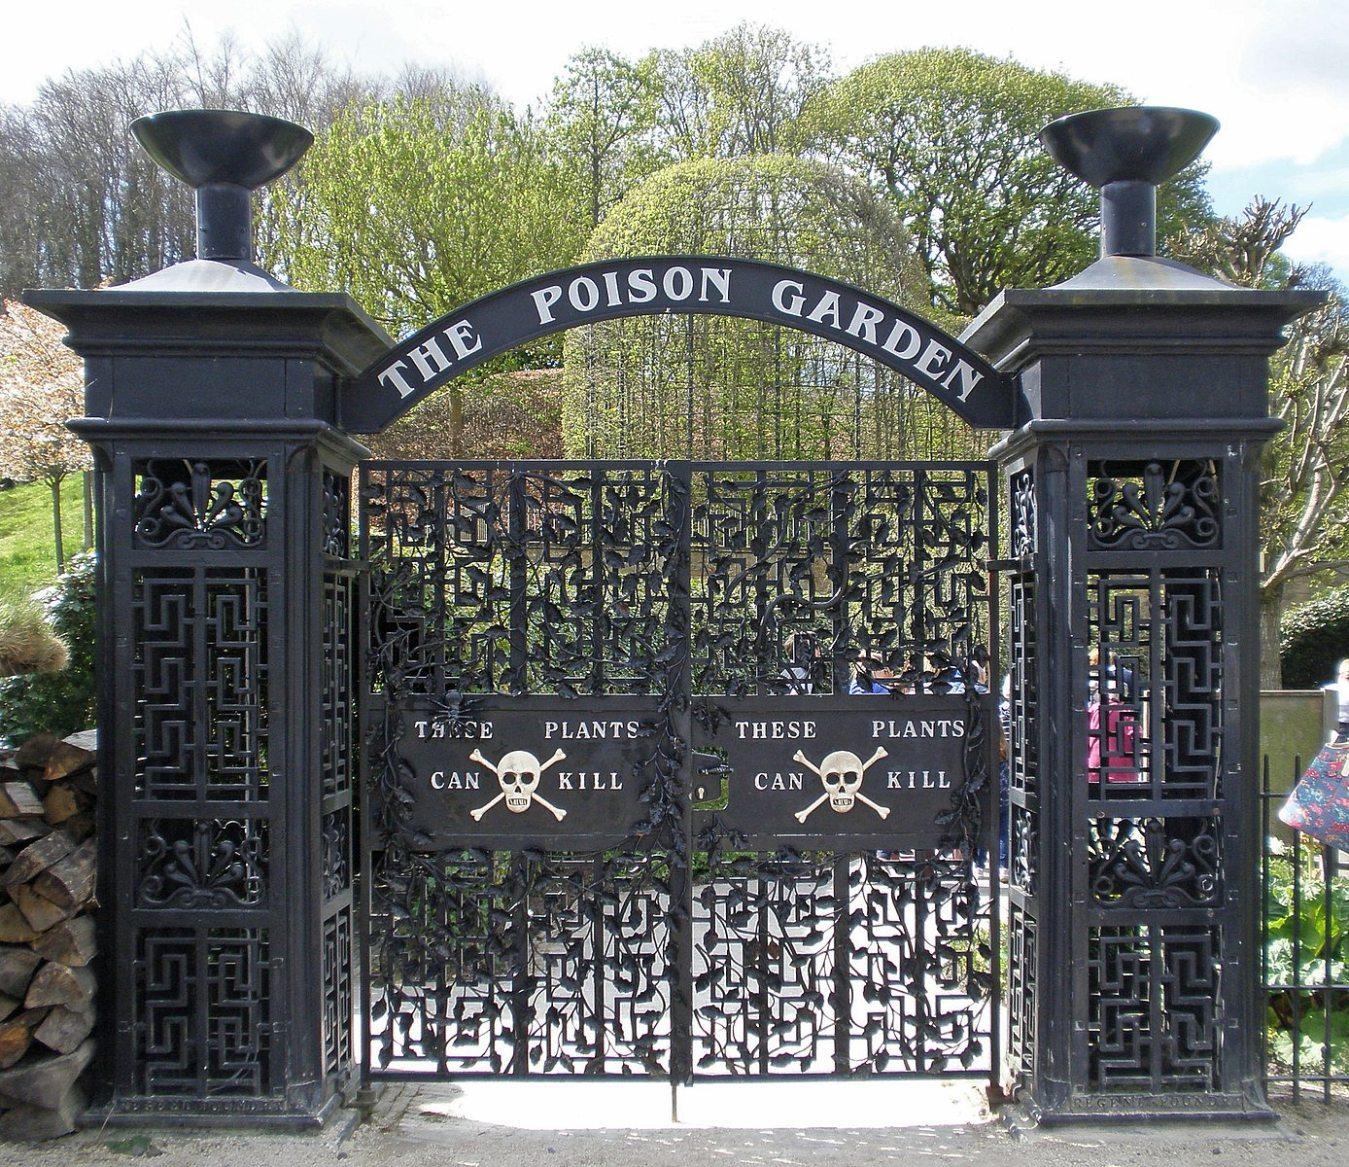 The Poison Garden: Adéntrate en el Jardín más peligroso del mundo (si te atreves)